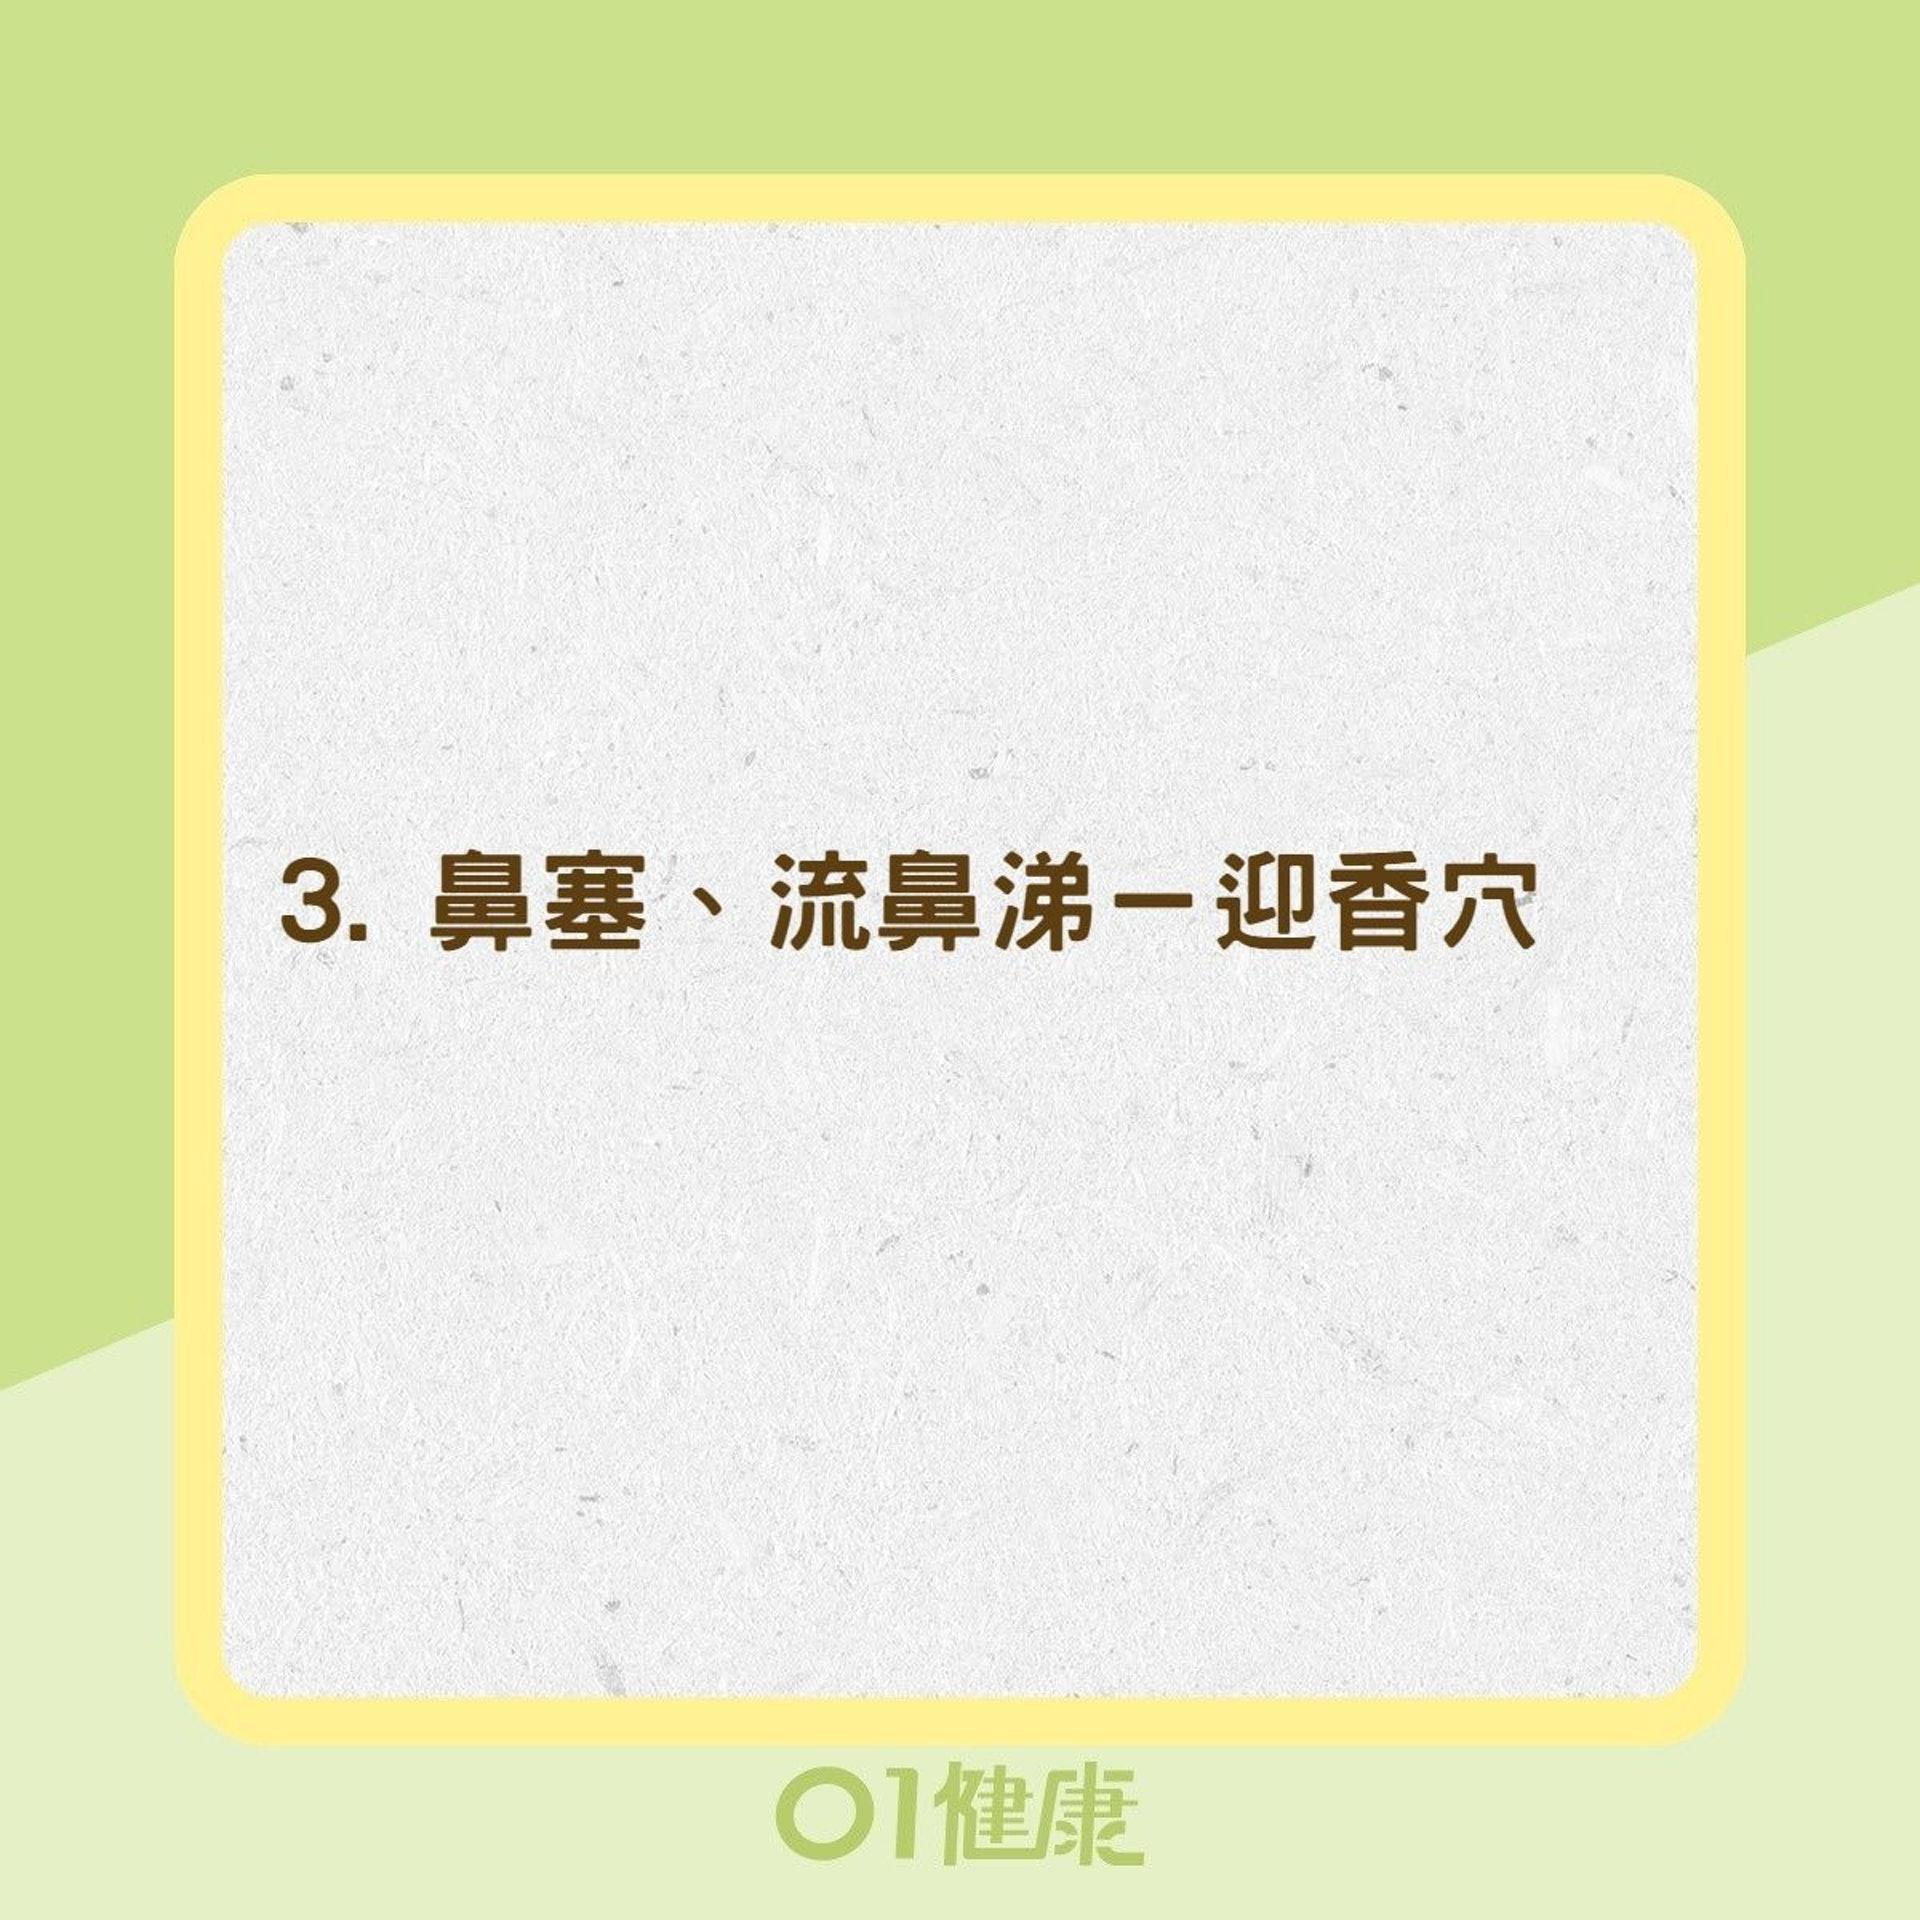 感冒用穴道大全(01製圖)